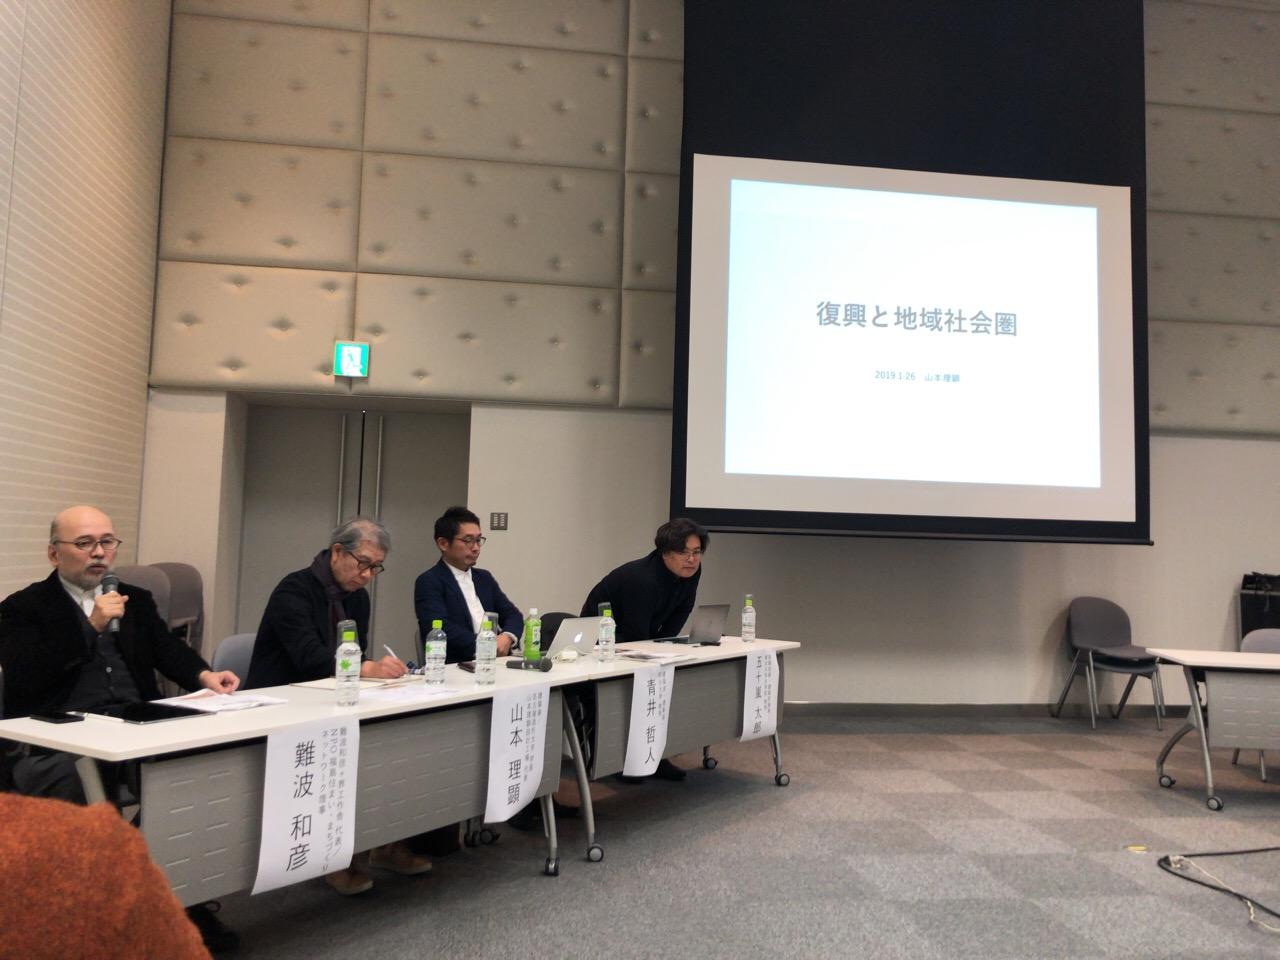 シンポジウム「復興と地域社会圏」でパネリストとして参加_20190126の画像